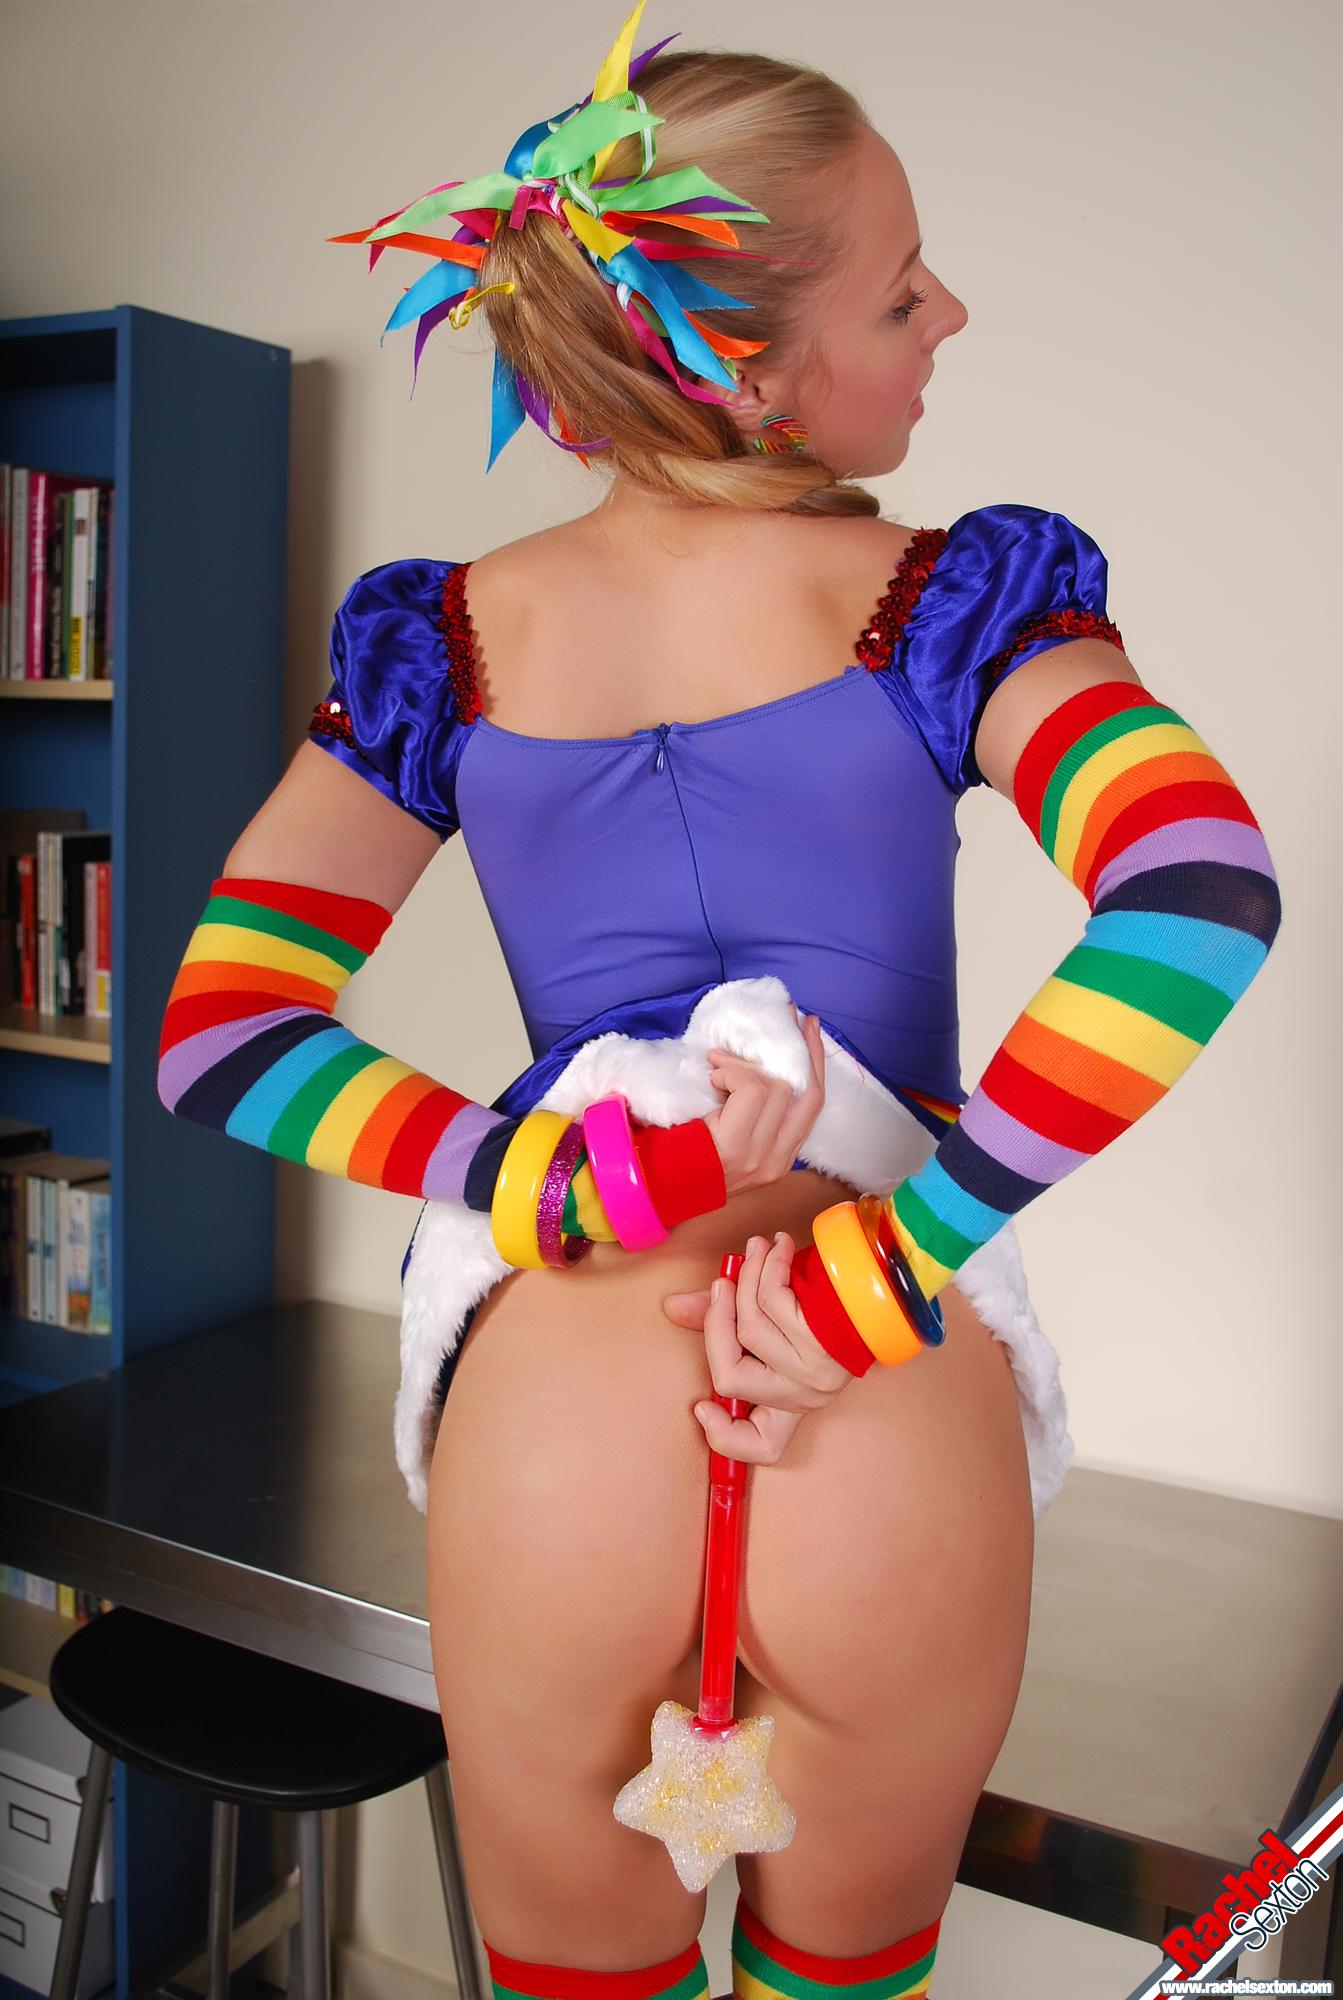 Nude rainbow brite